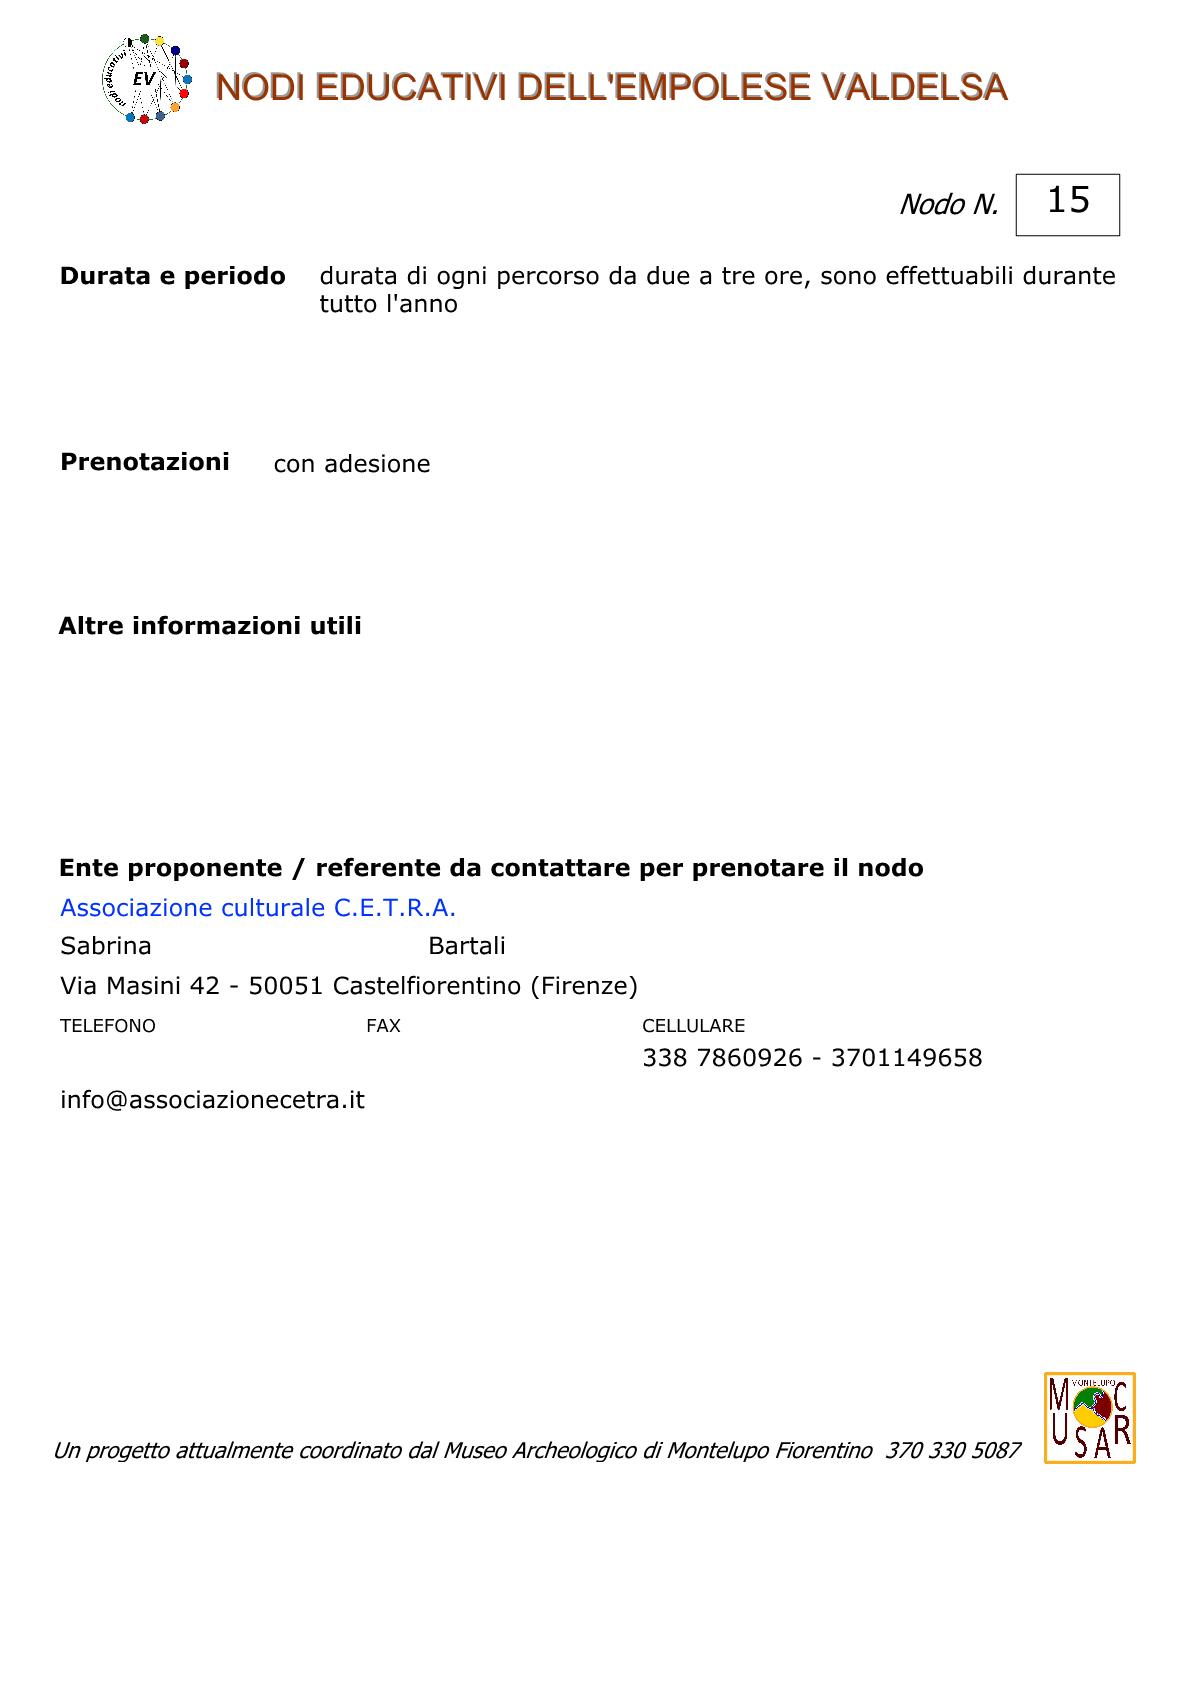 nodi-ev-161001-n-0153